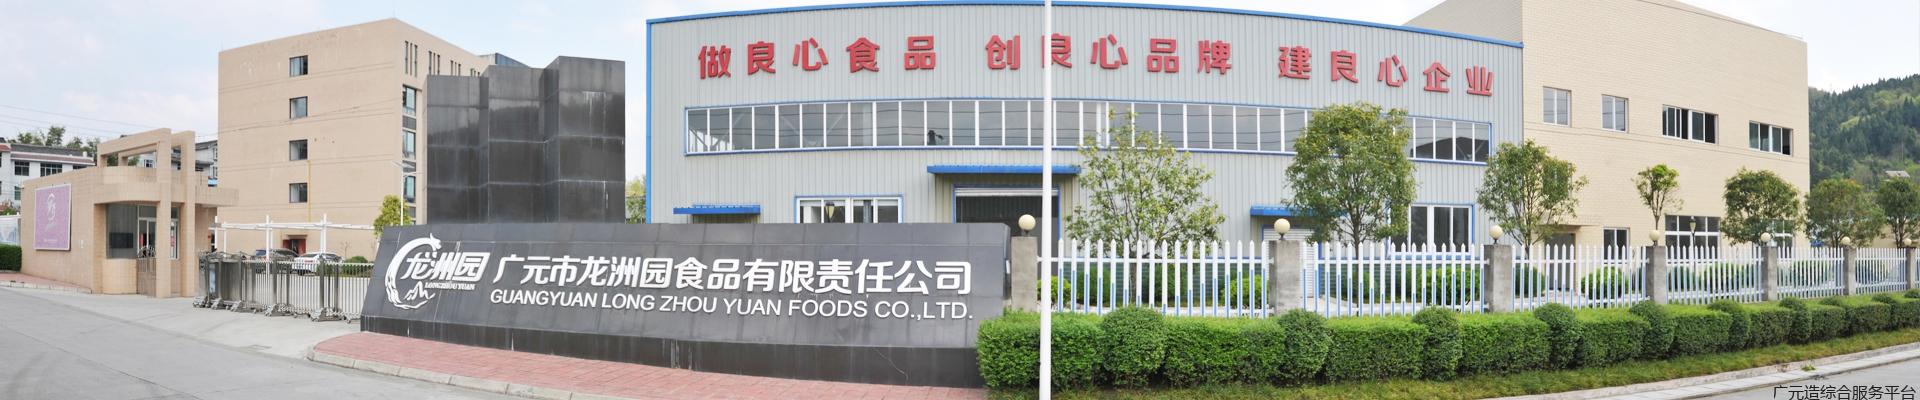 广元市龙洲园食品责任有限公司